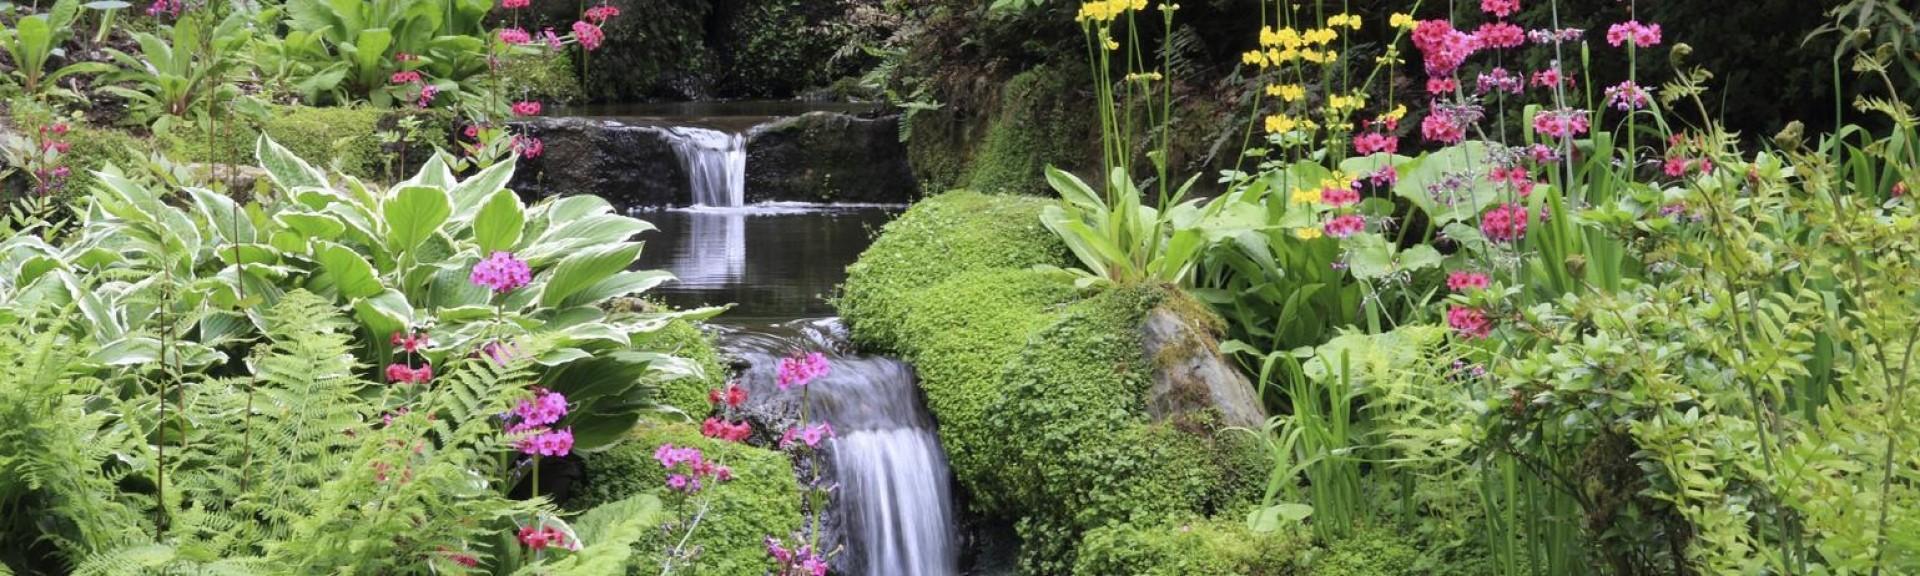 Bodnant Garden, Wales Informationen   Visit Britain